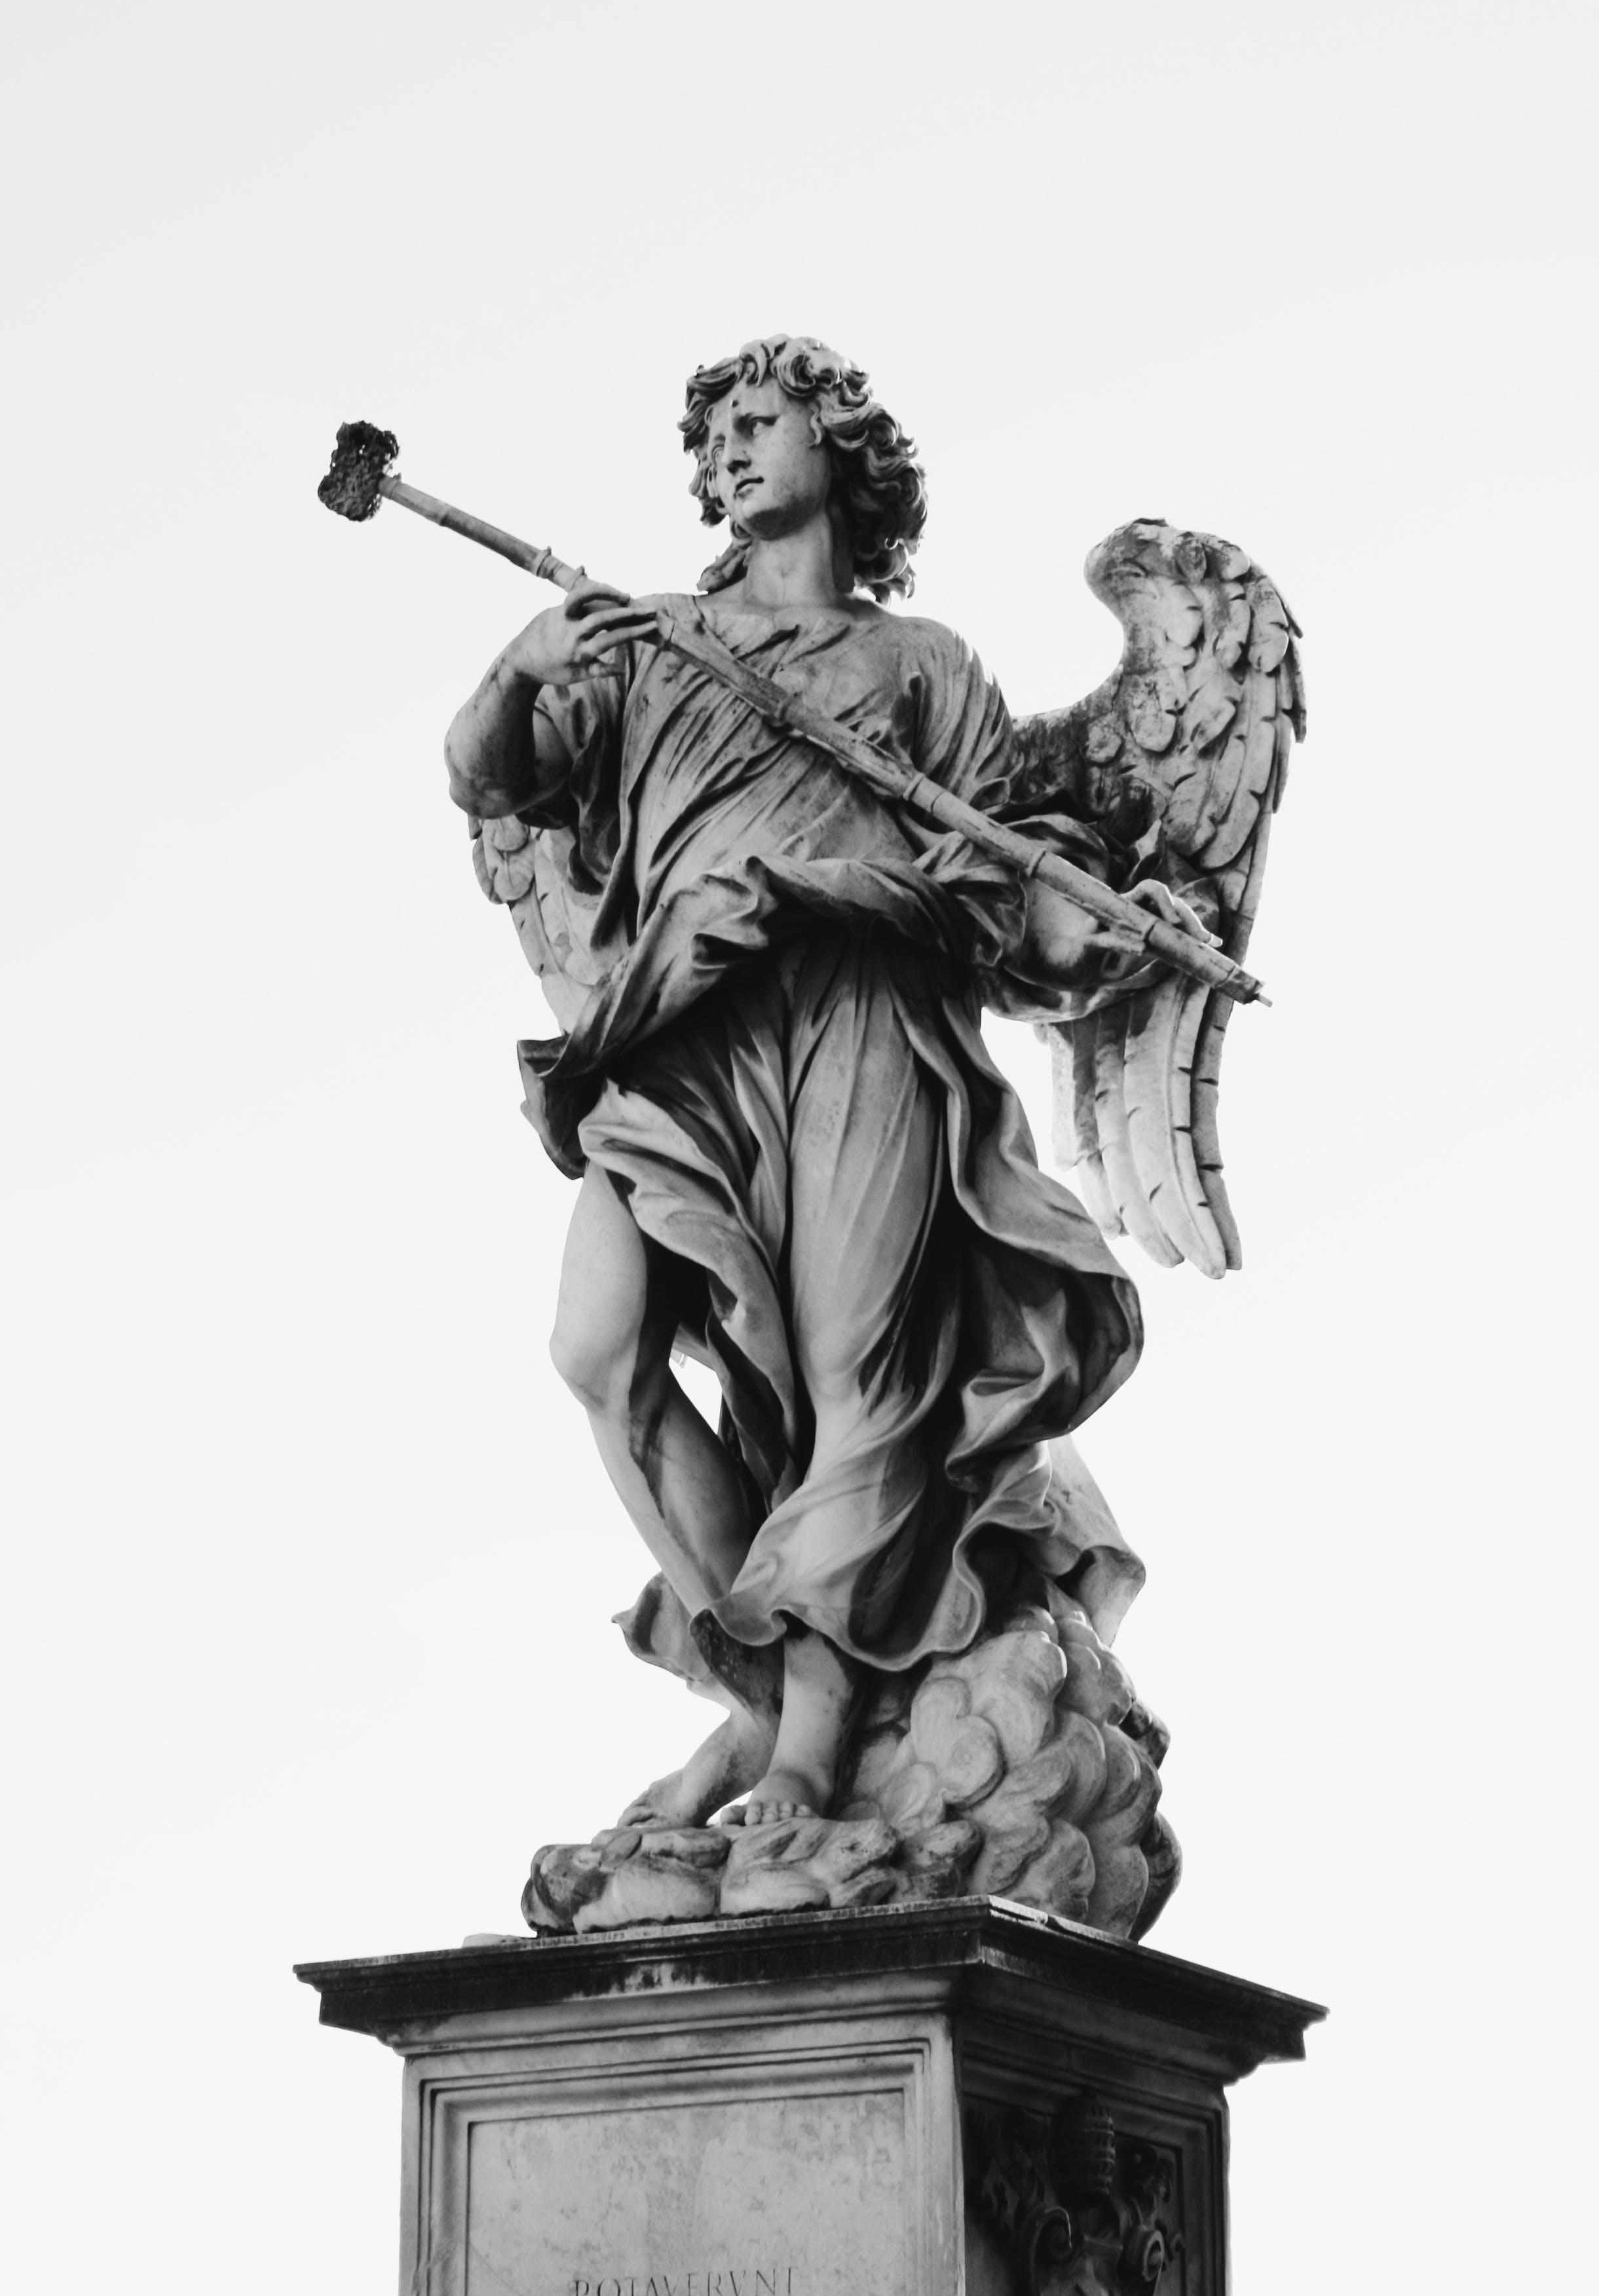 aufnahme von unten, engel, figur